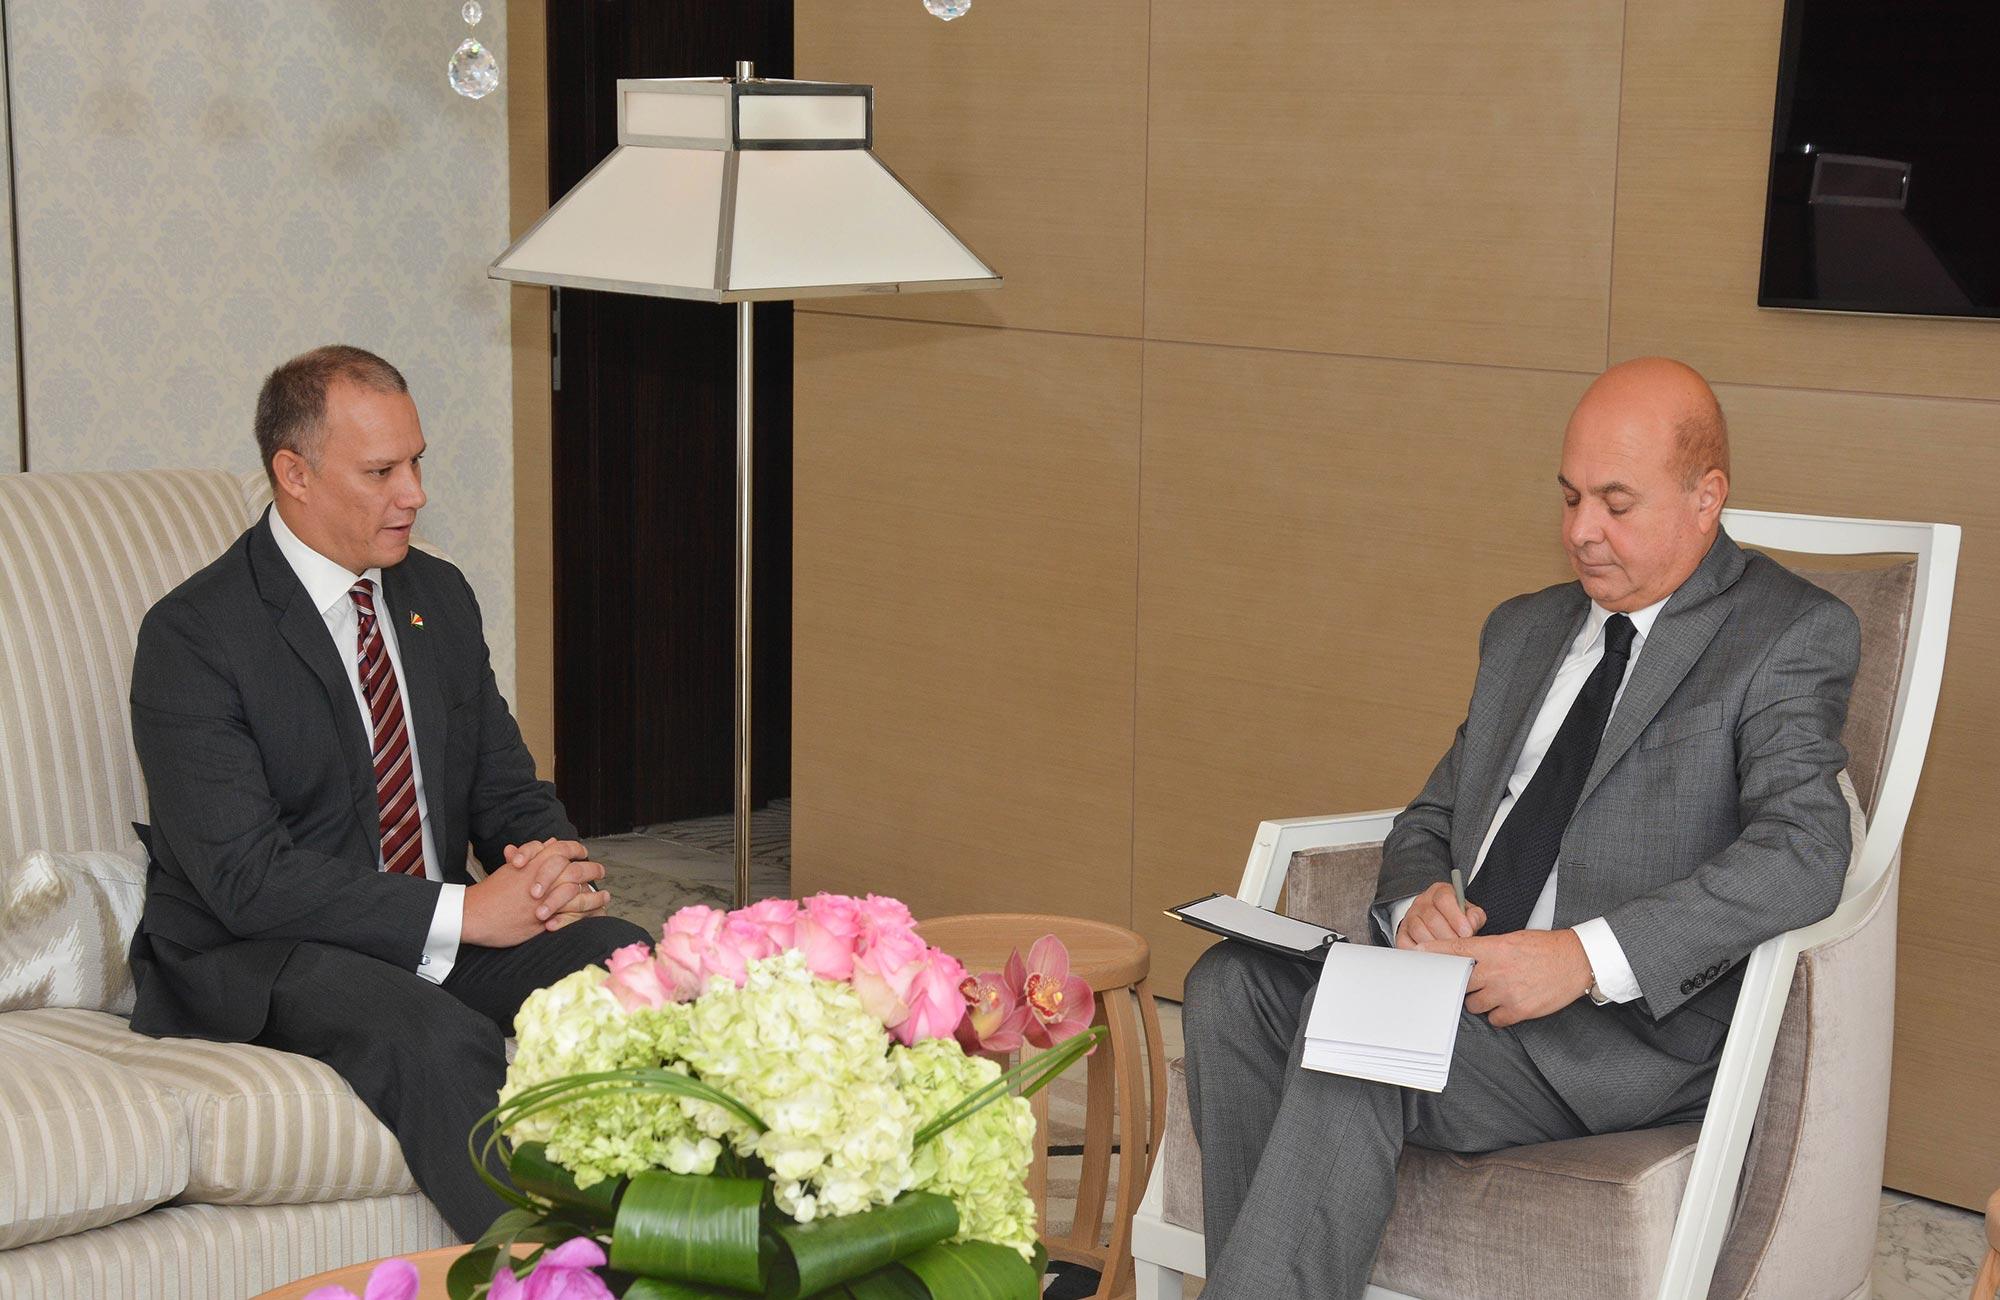 وزير خارجية سيشل يشيد بدعم الإمارات لبلاده في مجالات التنمية ومحاربة القرصنة البحرية